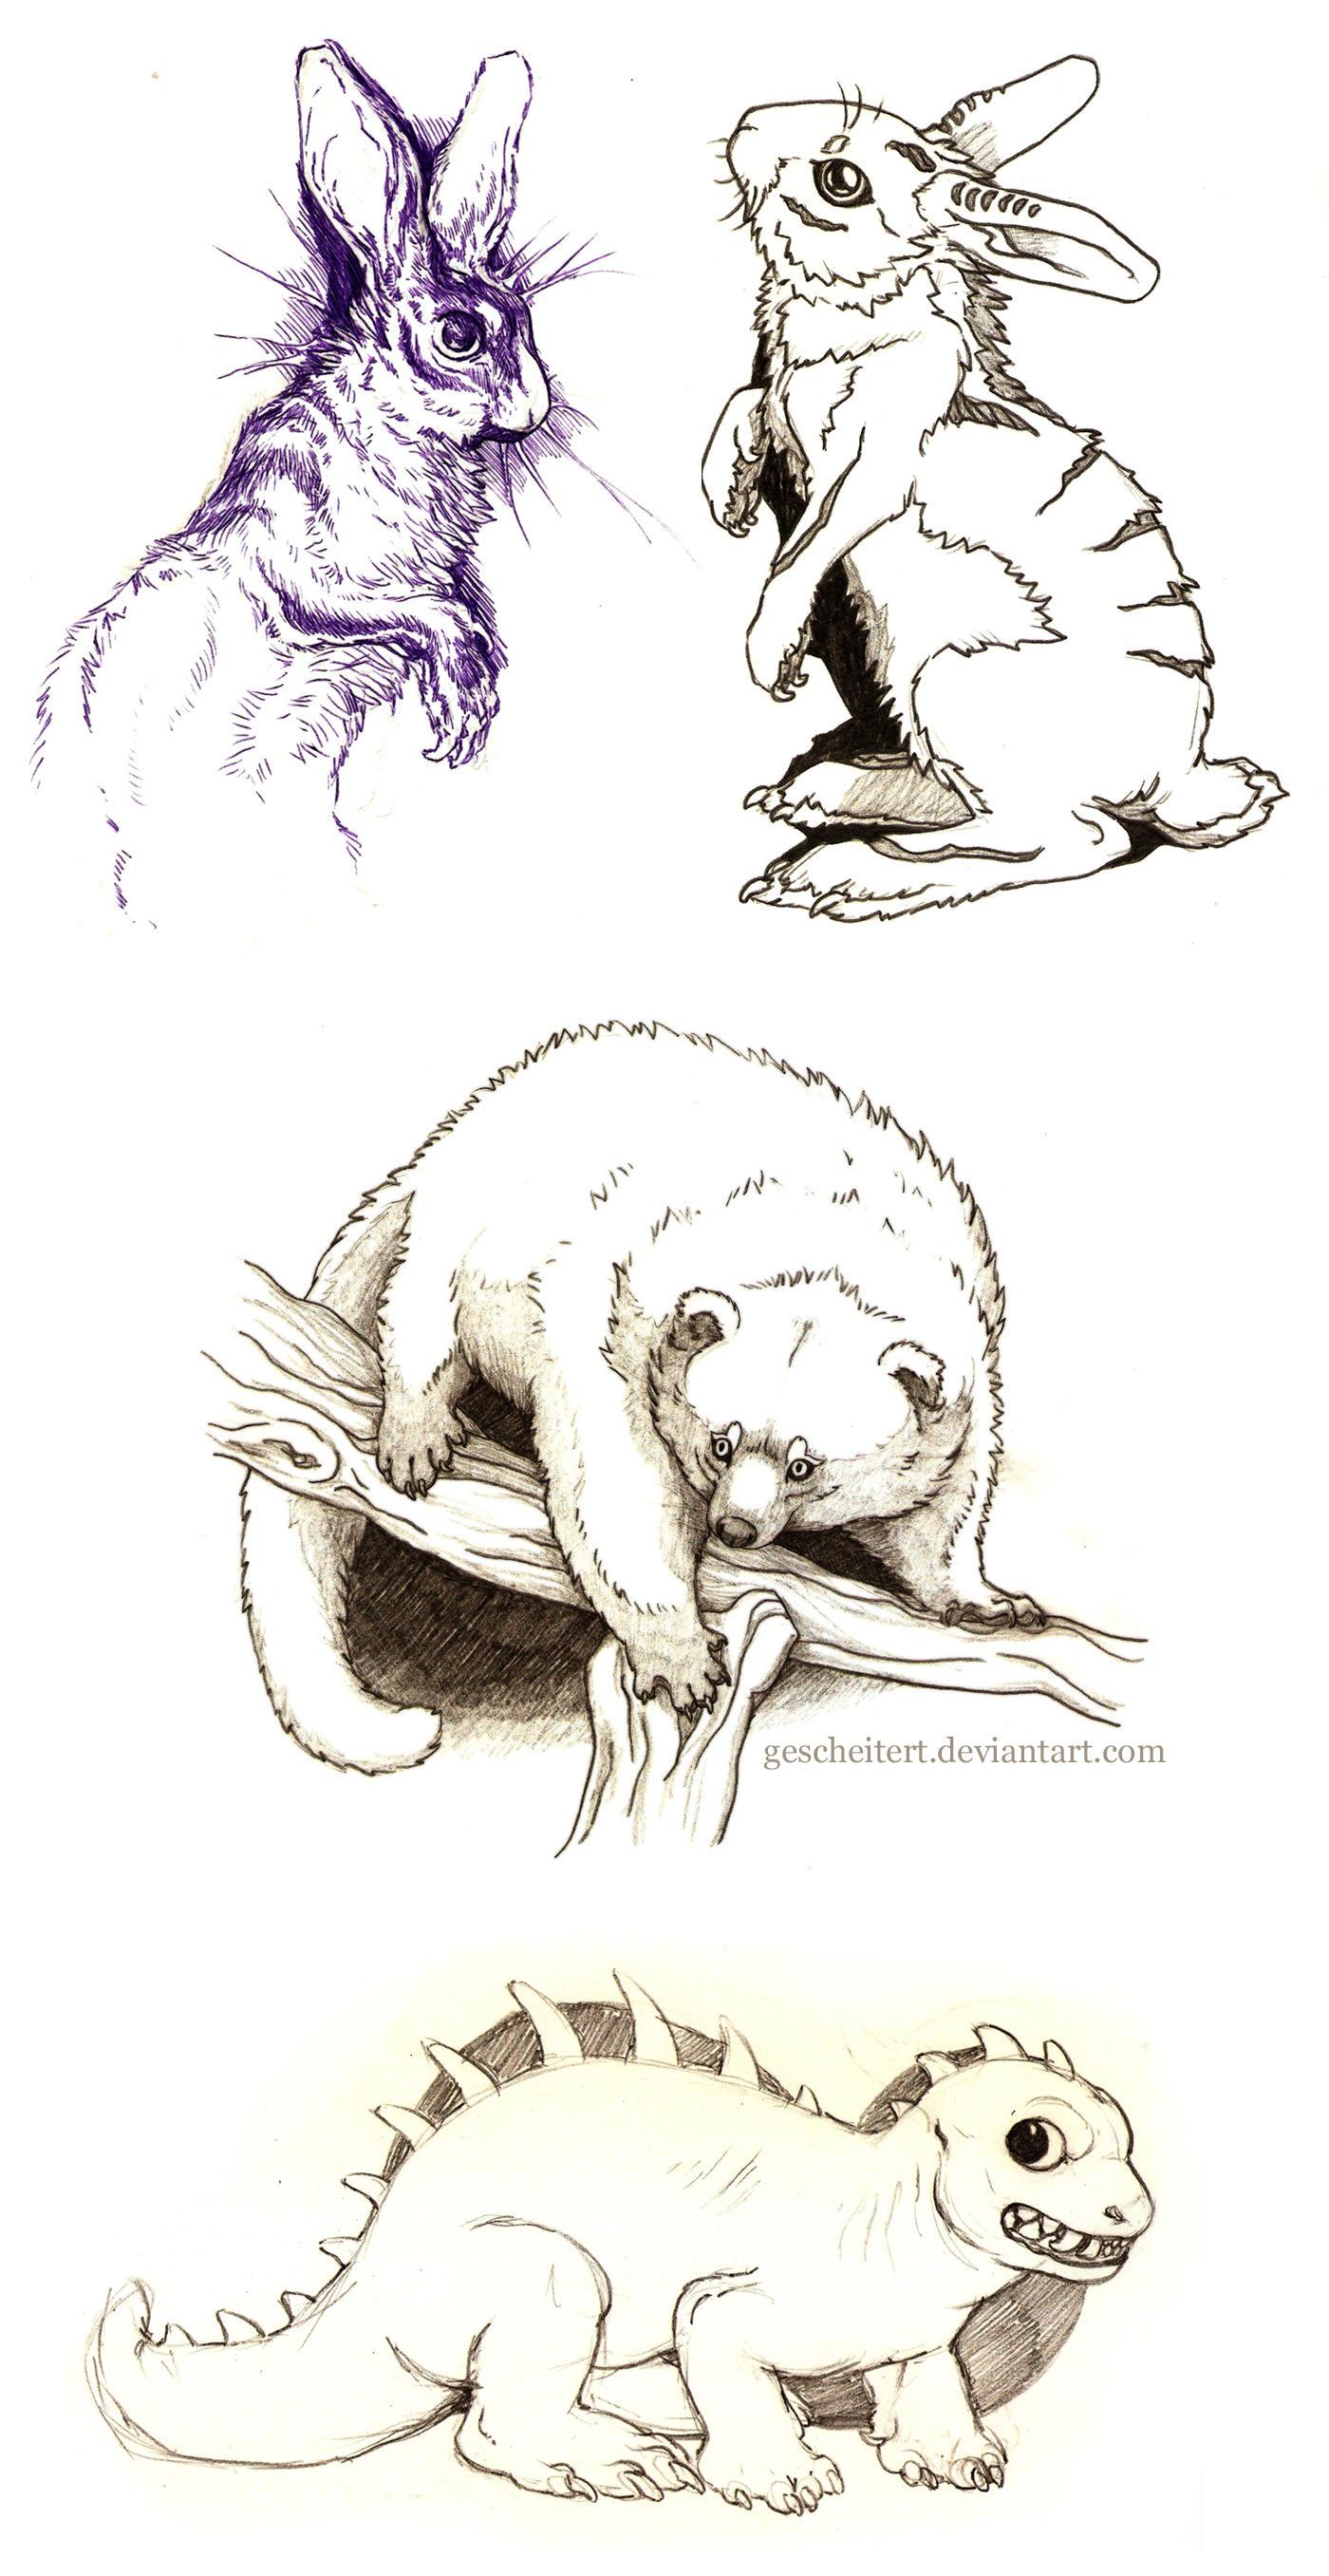 Sketches from 2014-2015 by gescheitert